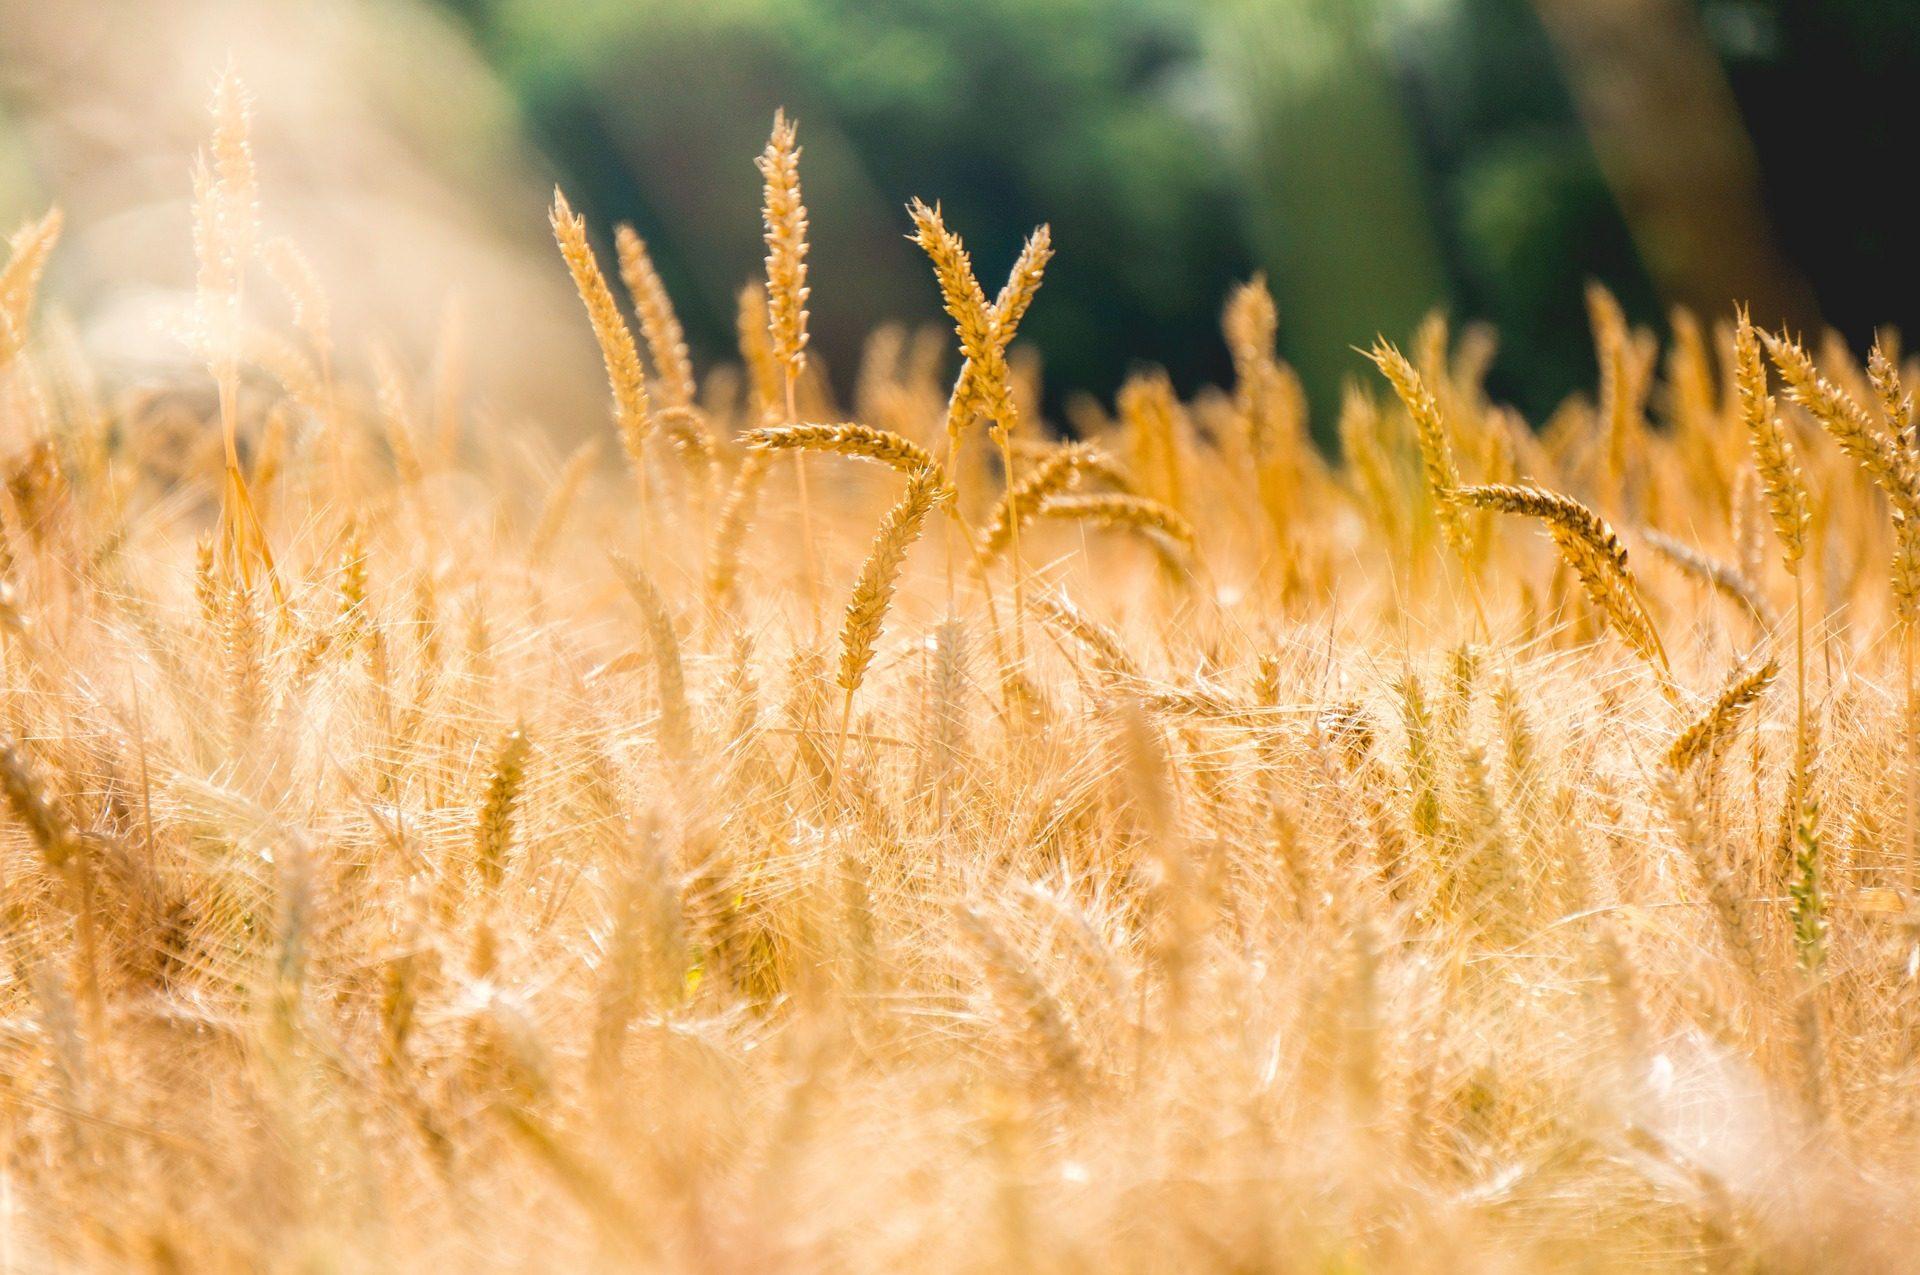 गेहूं, वृक्षारोपण, खेती, spikes, फ़ील्ड - HD वॉलपेपर - प्रोफेसर-falken.com